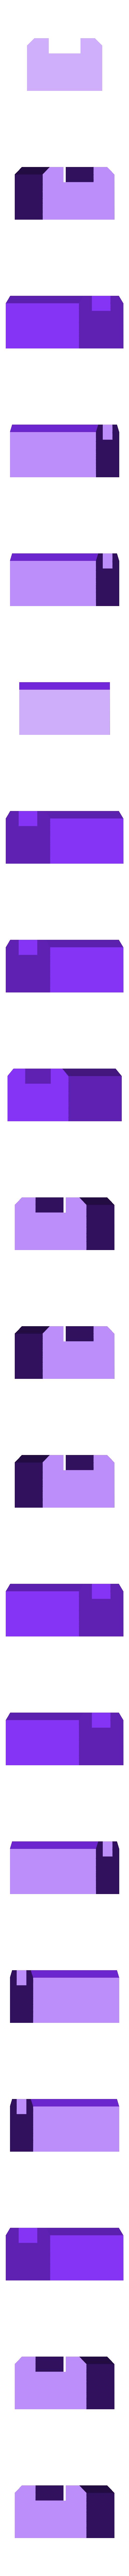 Chair_02.stl Télécharger fichier STL gratuit Jouet de Noël • Design à imprimer en 3D, Jwoong